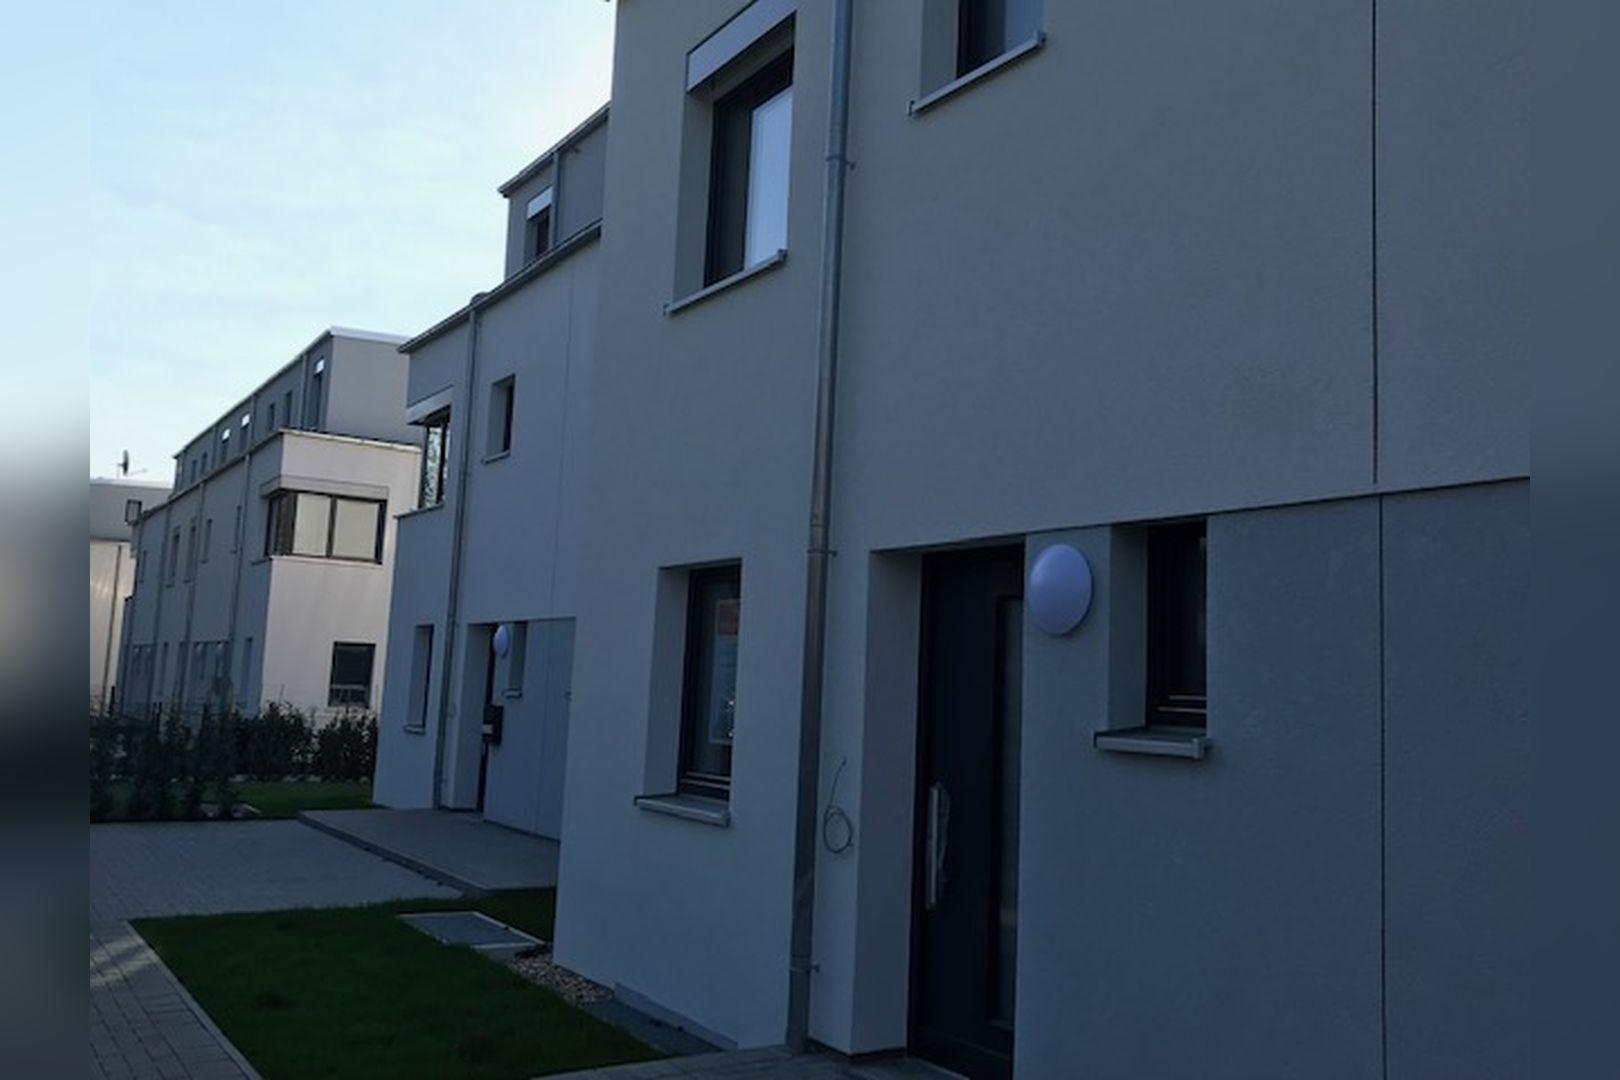 Immobilie Nr.BÖ-08 - BÖ-08; Reihen-Mittelhaus über UG-EG-OG-DG - Bild 4.jpg